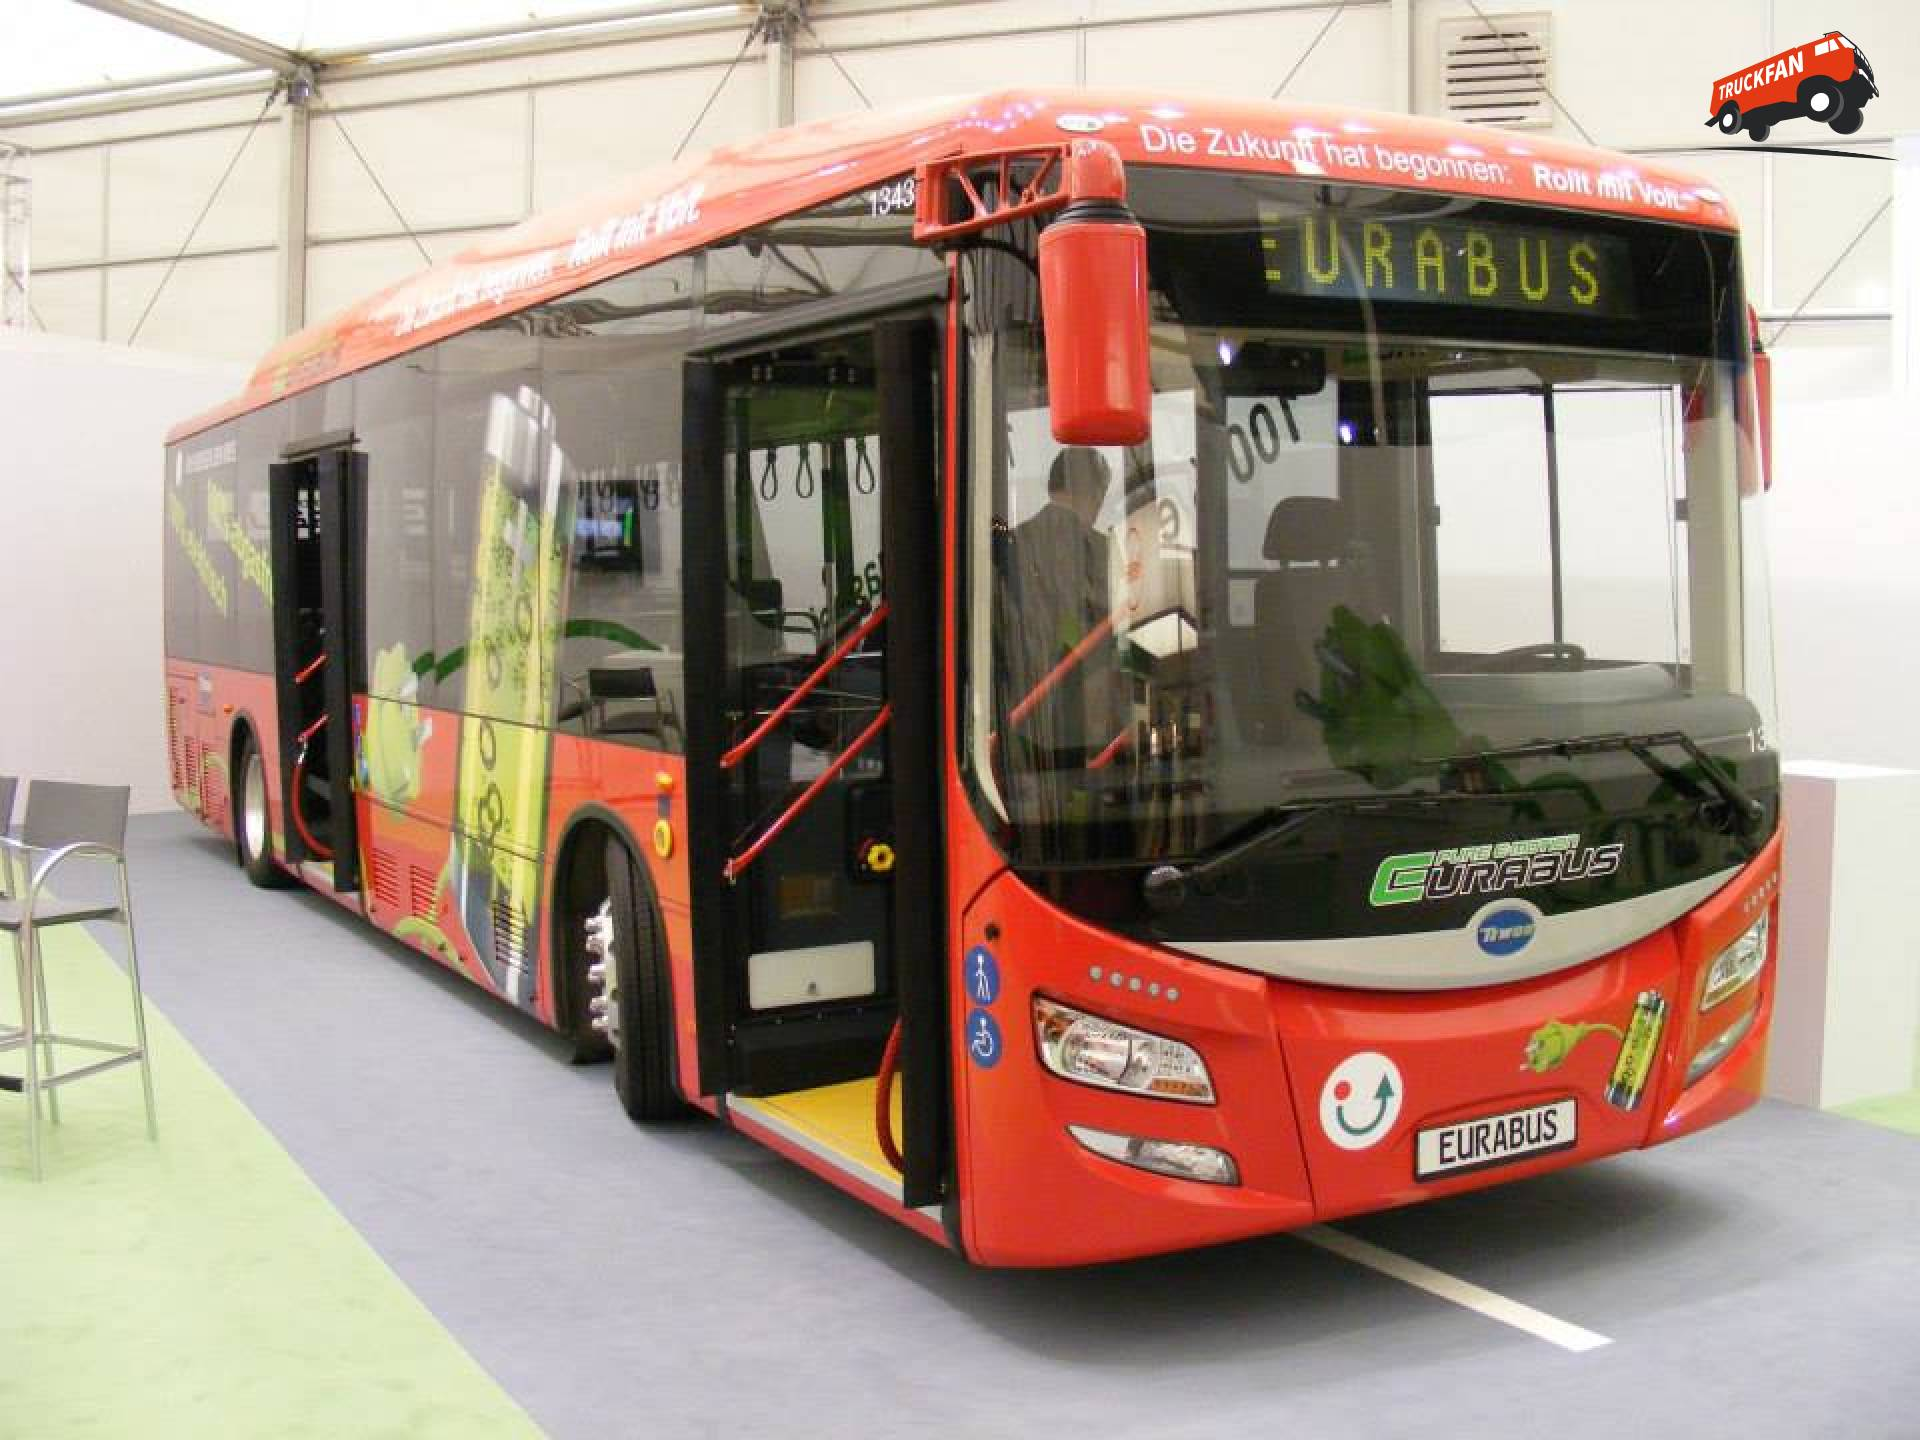 Eurabus bus